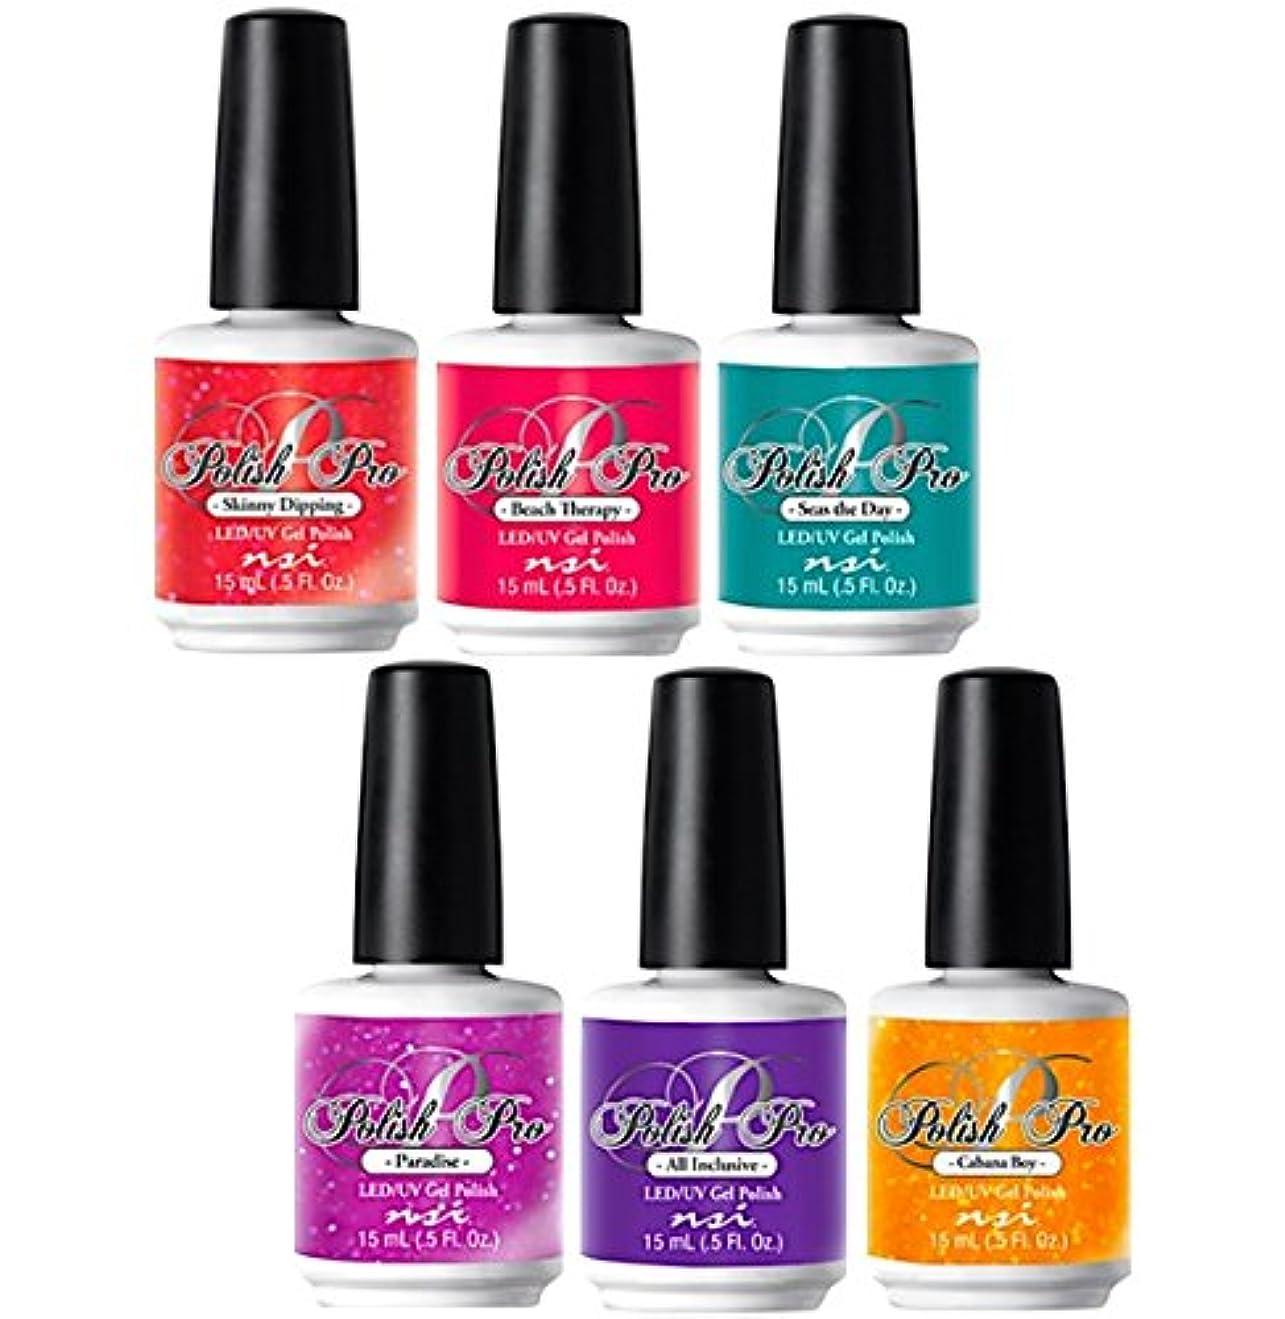 フェードキャビン連続したNSI Polish Pro Gel Polish - The Island Resort Collection - All 6 Colors - 15 ml/0.5 oz Each